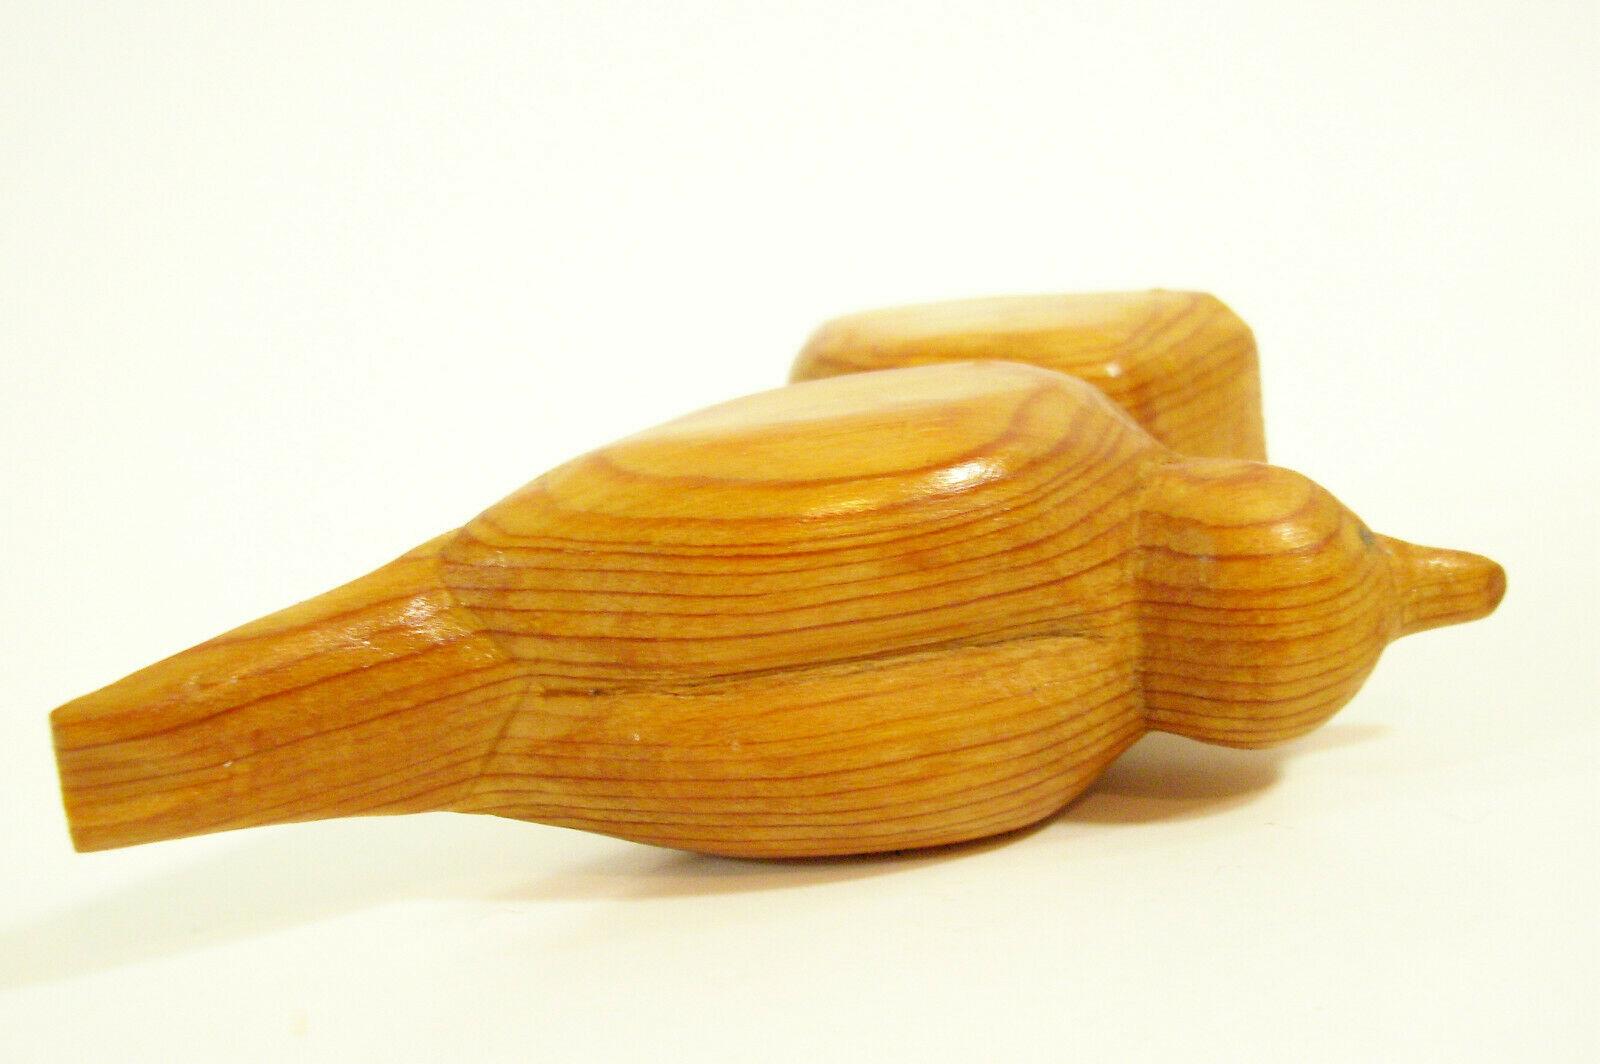 HAND CARVED WOOD BIRD FIGURINE FIGURE FOLK ART PRIMITIVE SPARROW BEAUTIFUL GRAIN